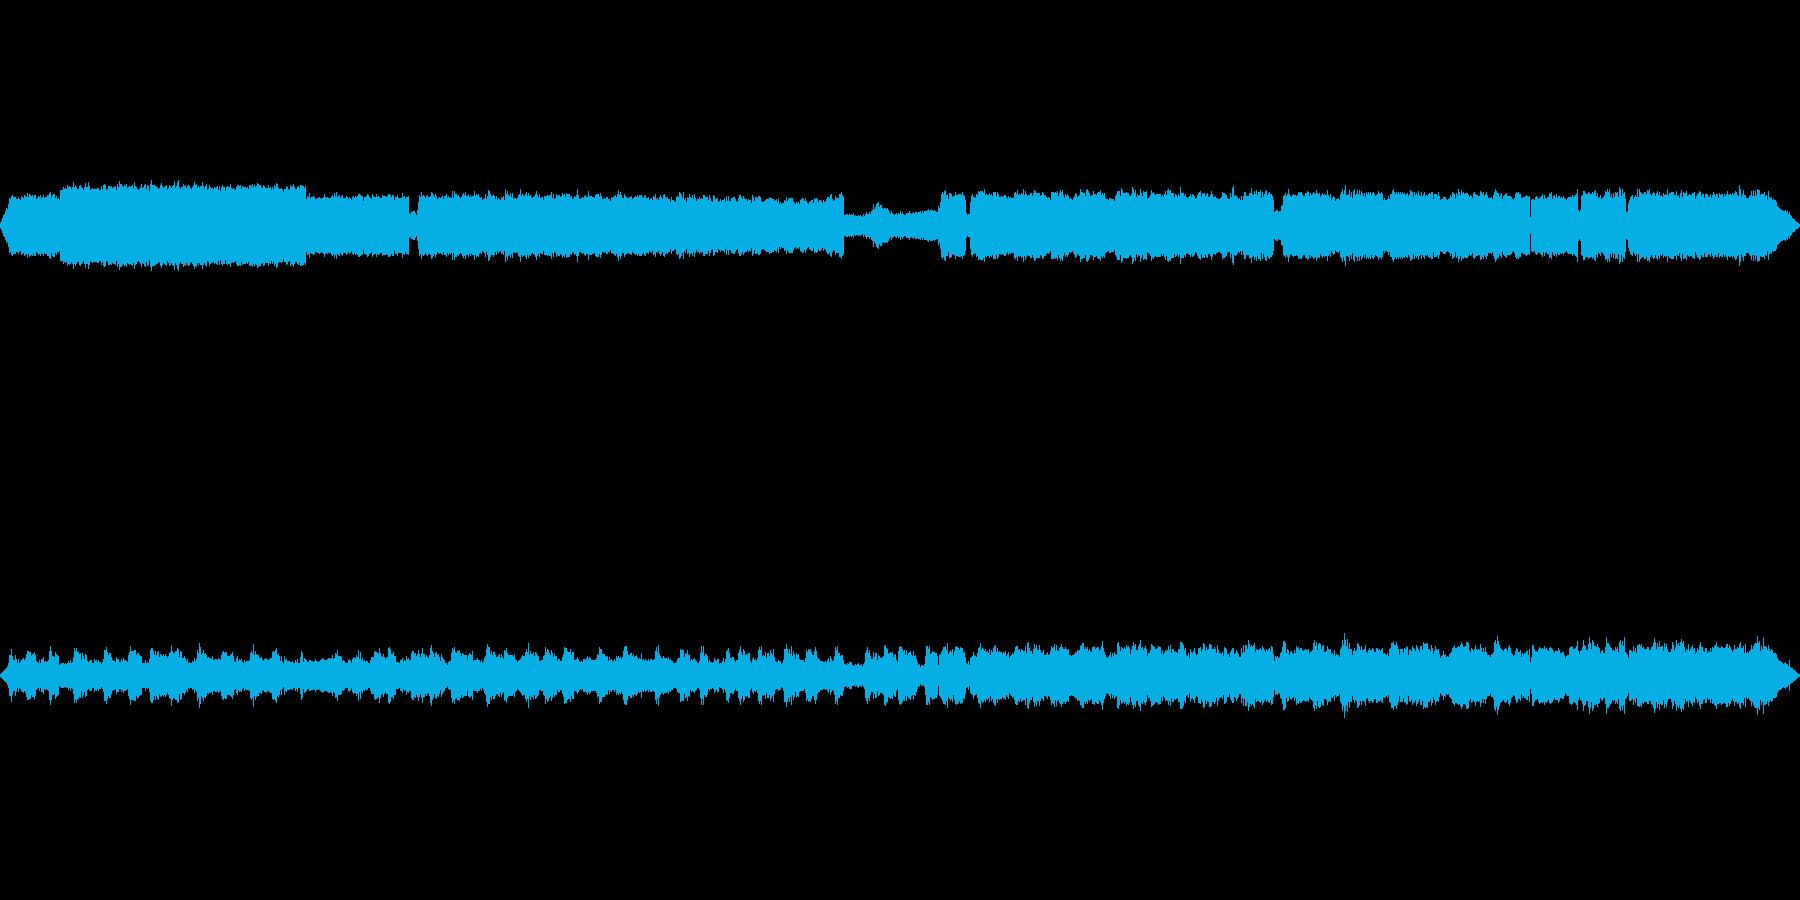 【自然音】秋の虫の鳴き声02の再生済みの波形